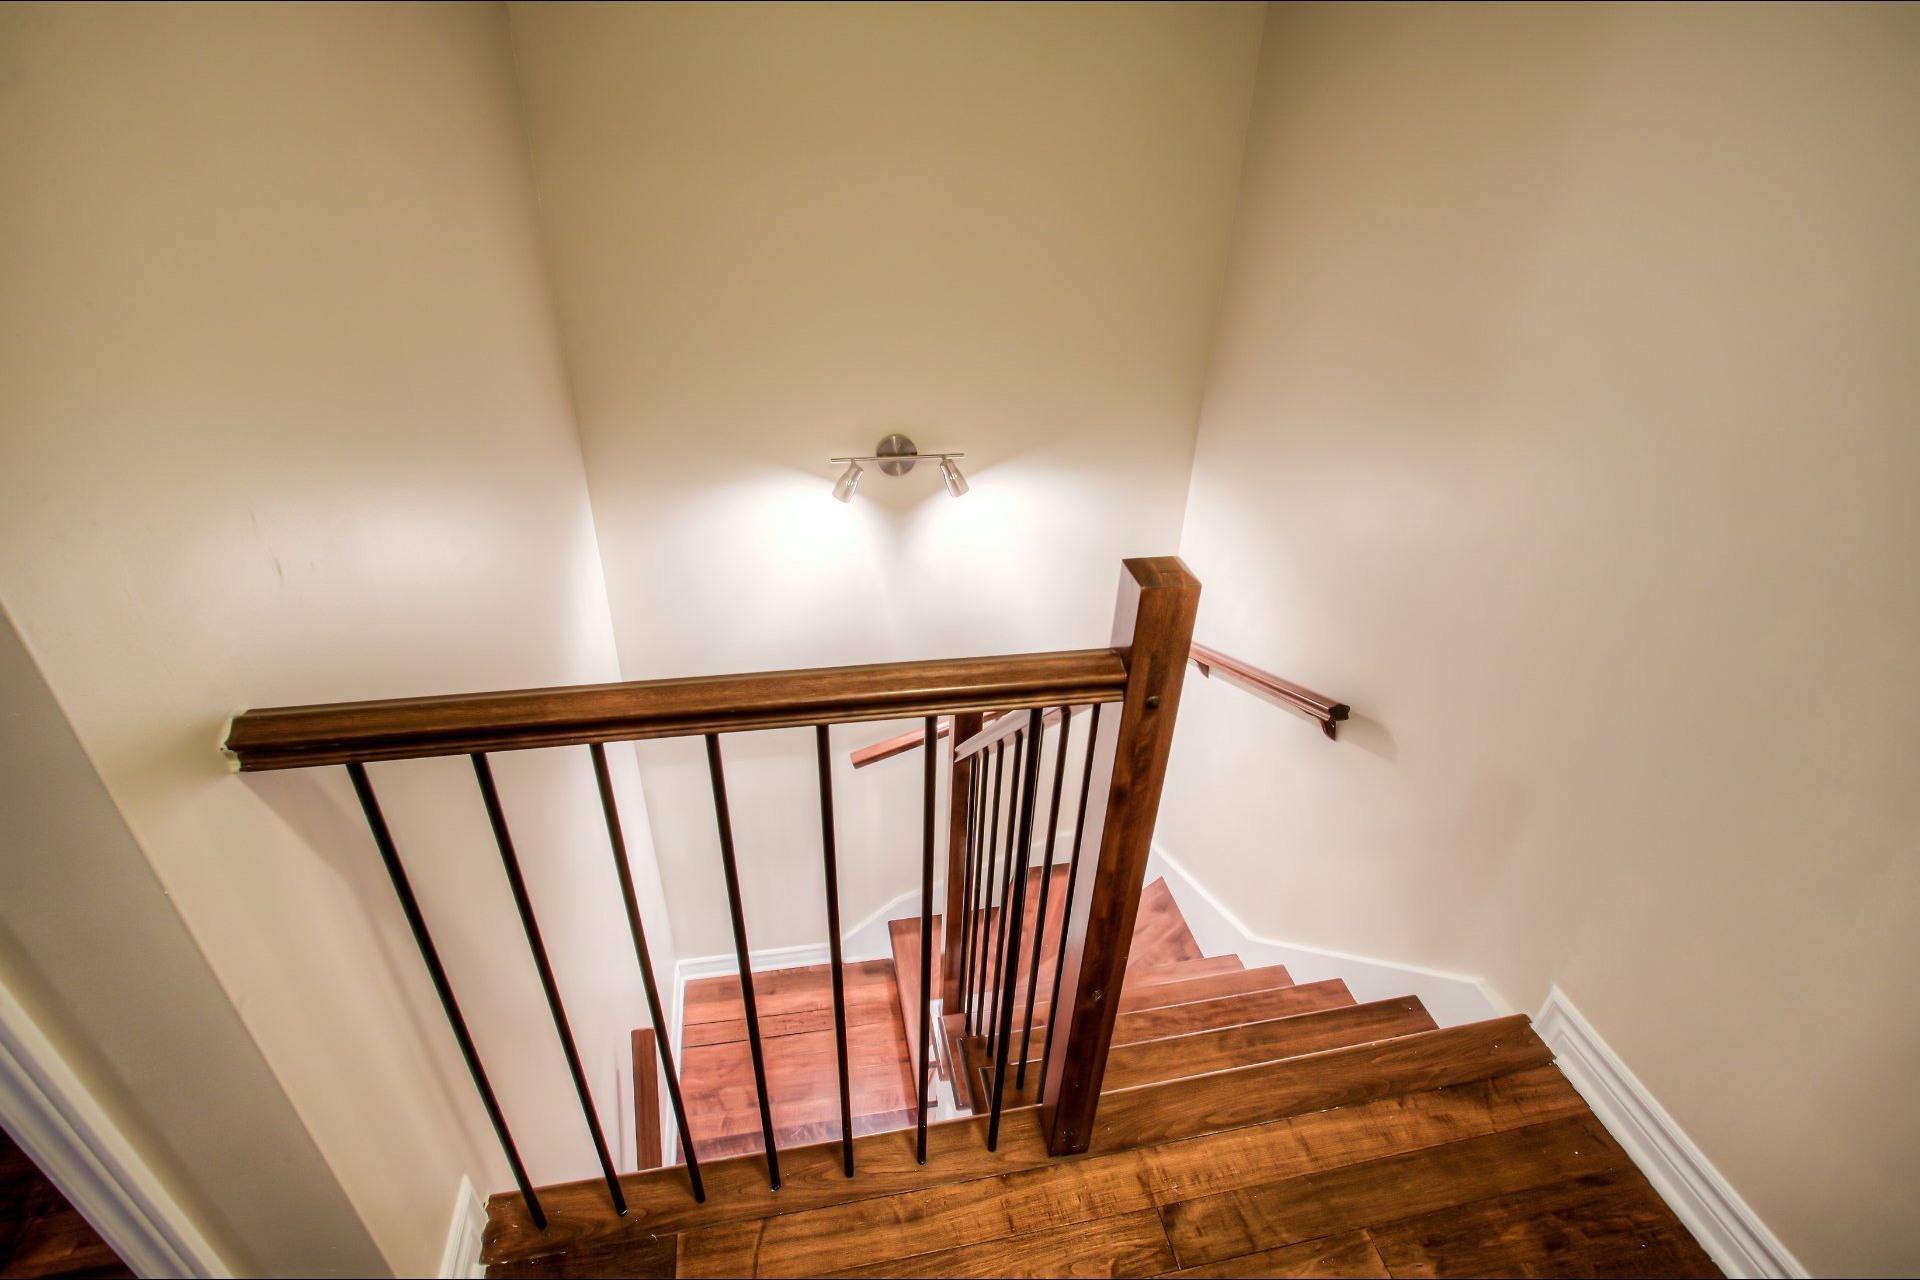 image 20 - Apartment For sale Saint-Laurent Montréal  - 9 rooms